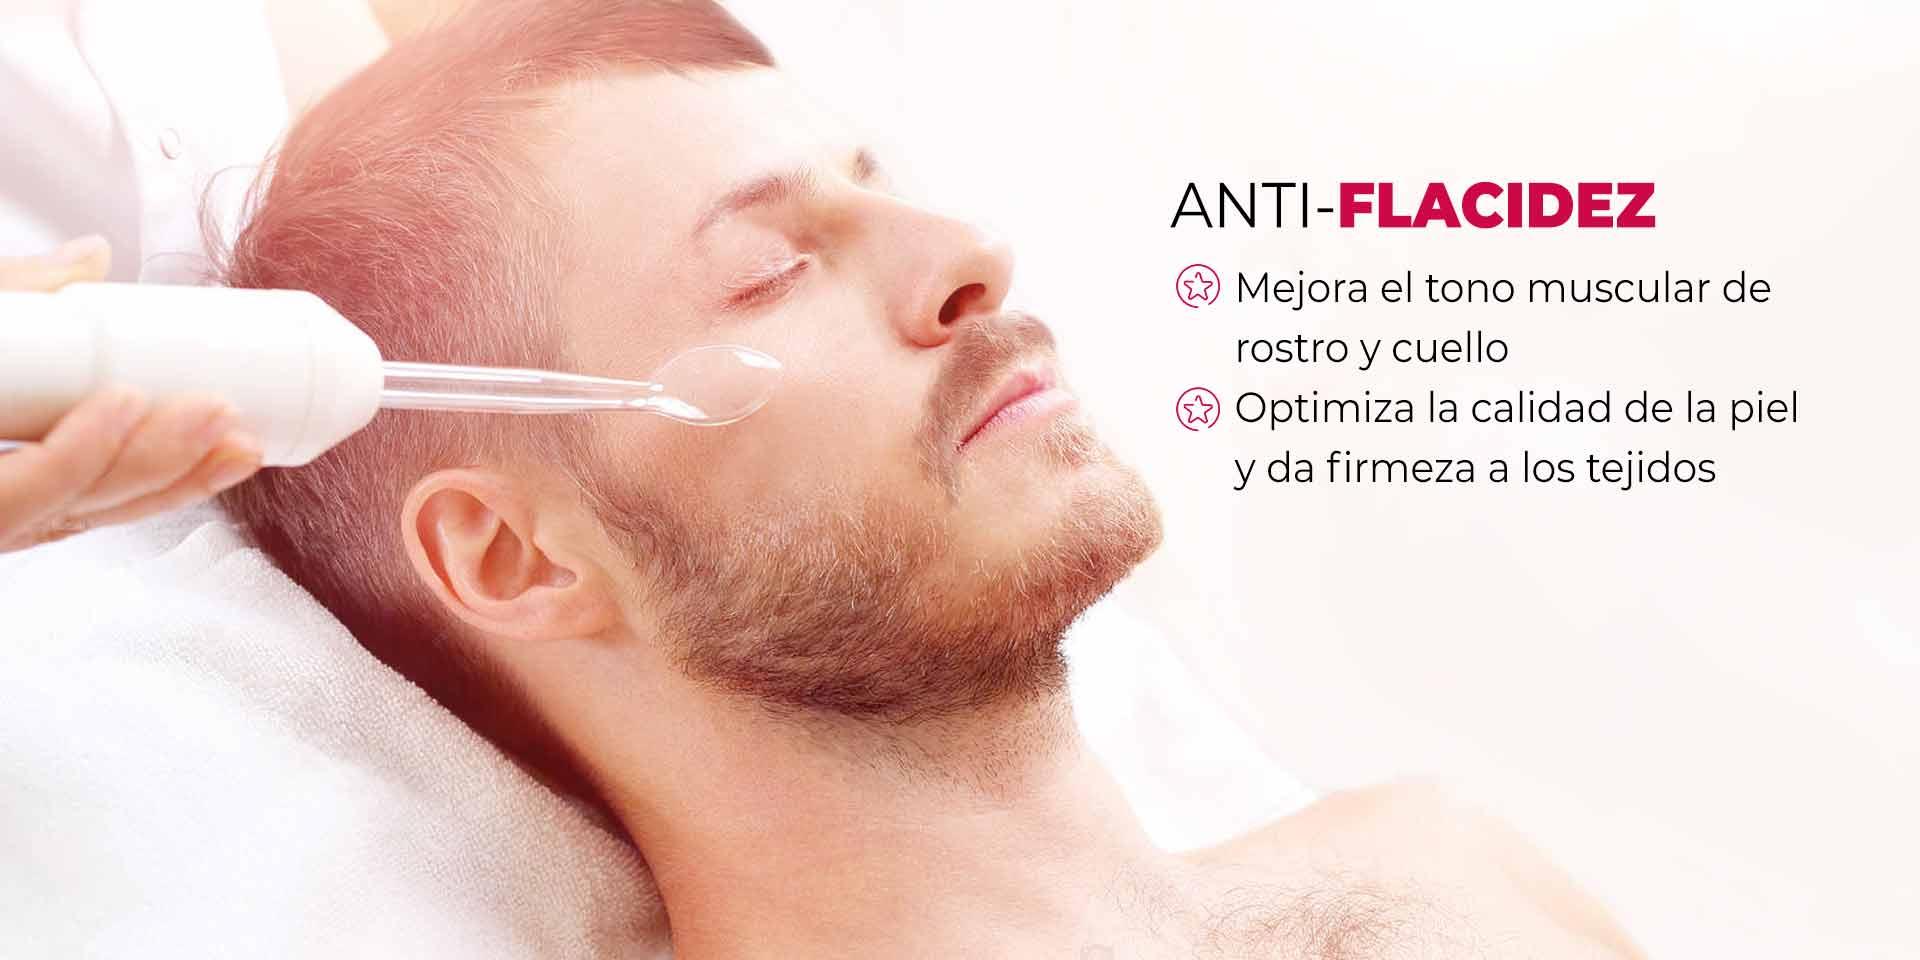 Tratamiento para la flacidez facial en hombres en CDMX